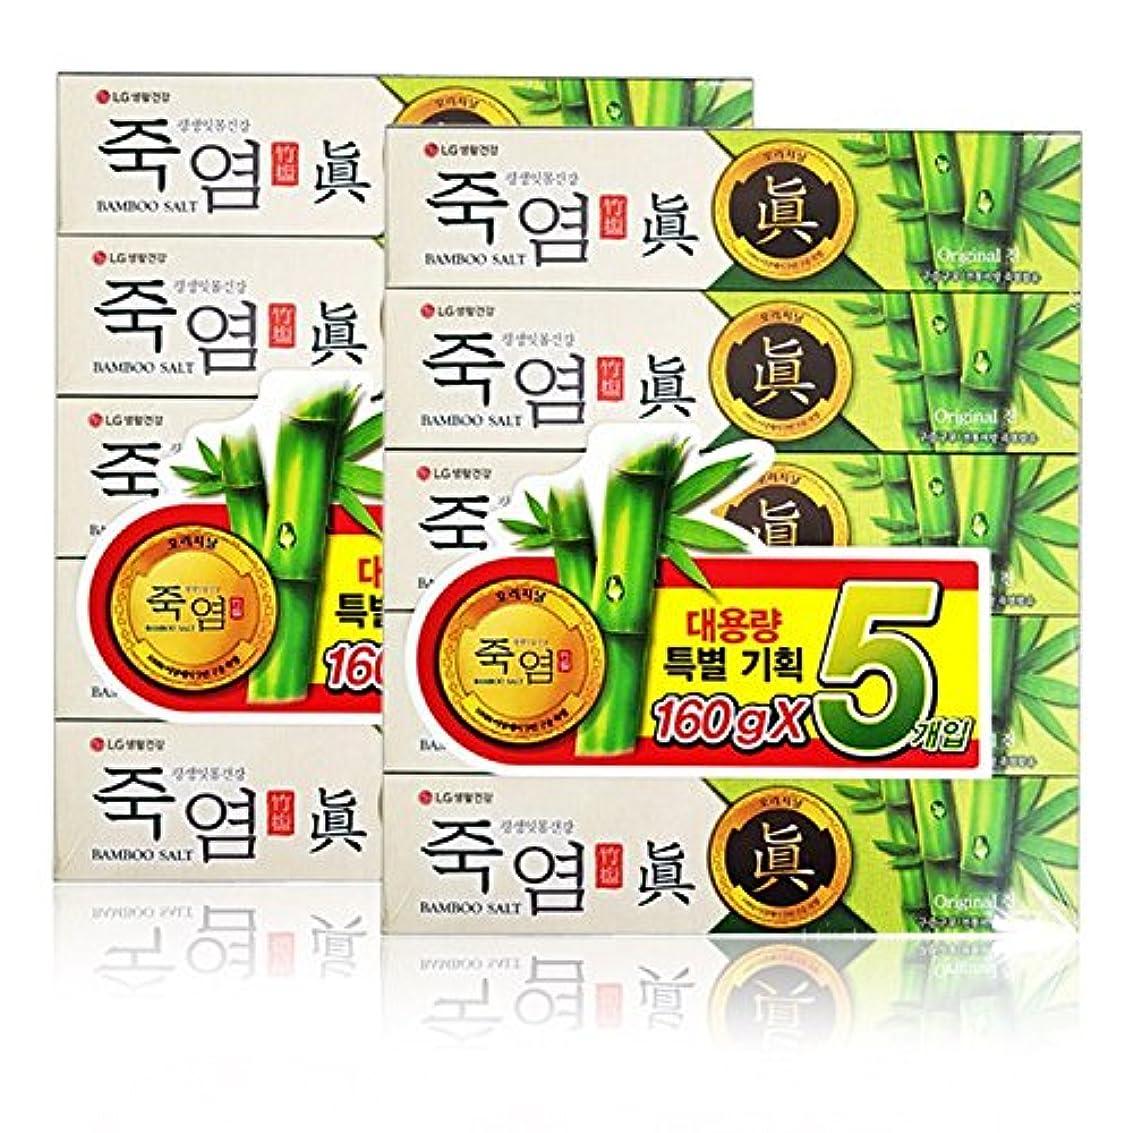 サリー構造磁器[LG電子の生活と健康] LG 竹塩オリジナル歯磨き粉160g*10つの(海外直送品)